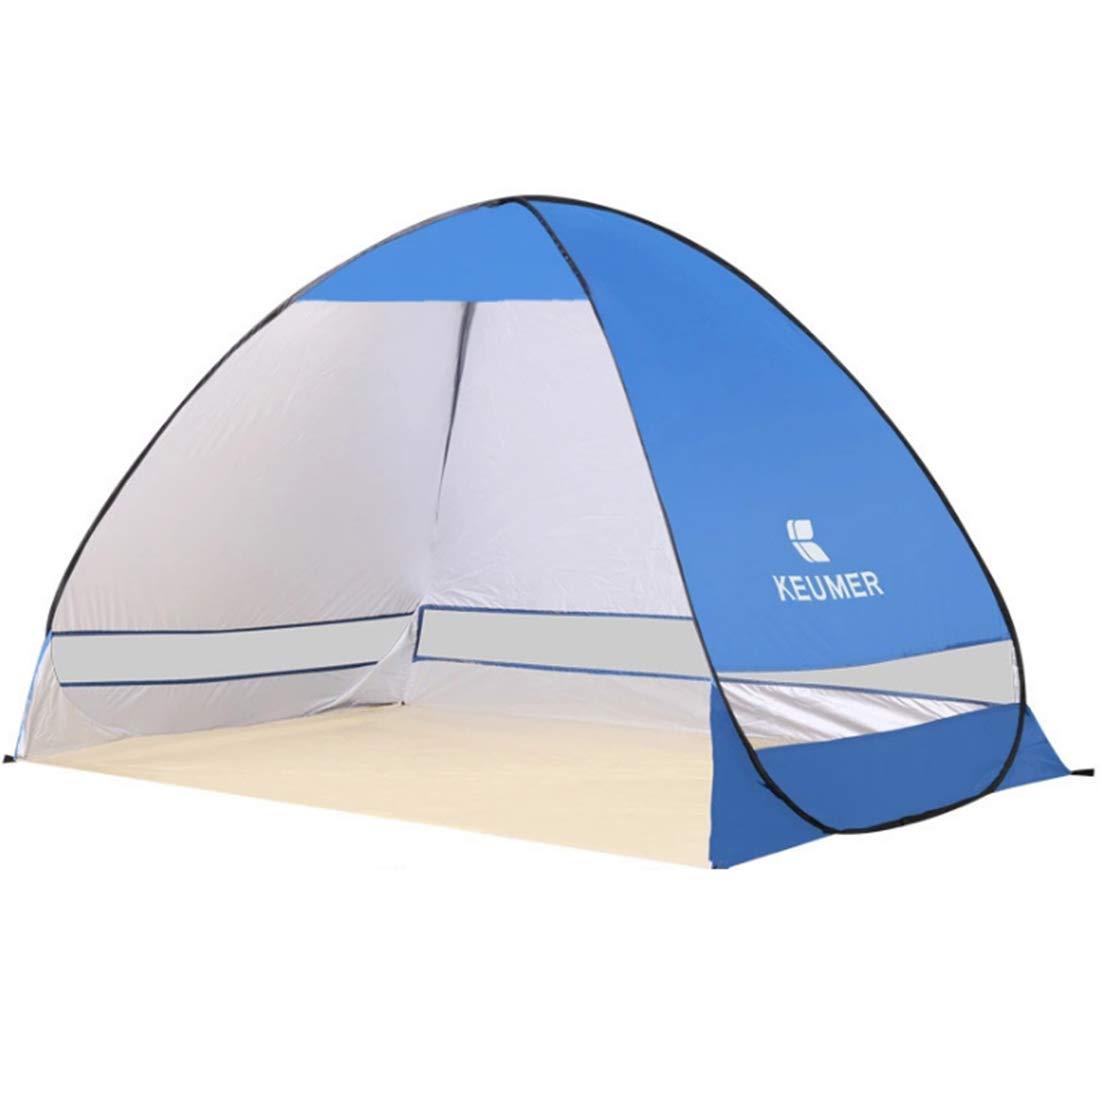 Igspfbjn Im Freien kampierendes tragbares Zelt für Das Zelt mit 2 Personen (Farbe : Sapphire)